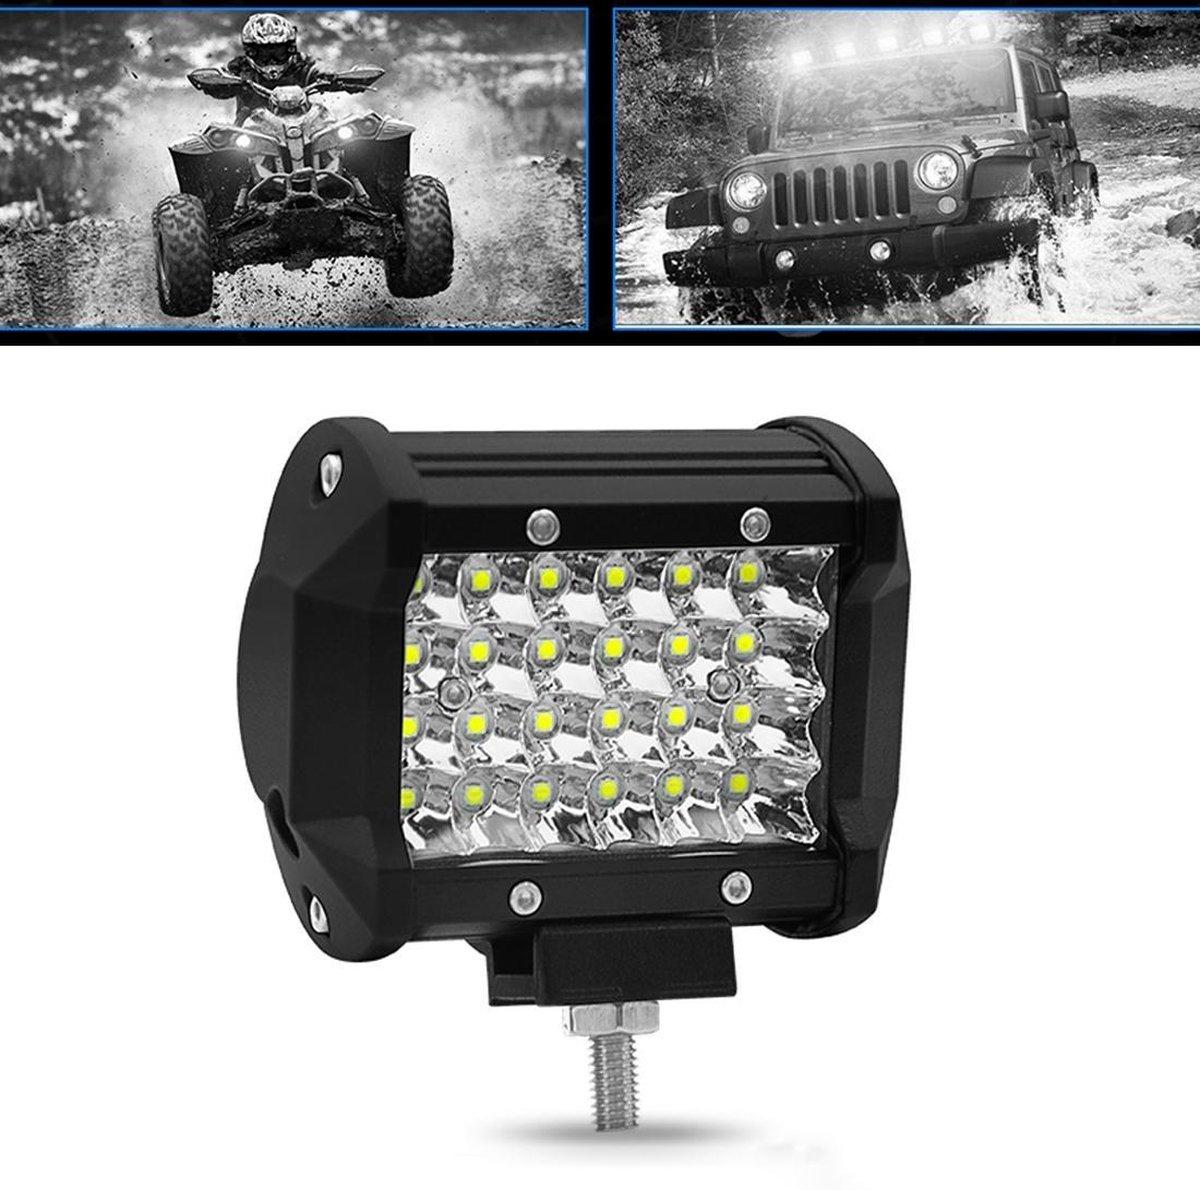 4 inch 72 W 3000LM 4 Rij LED Strip Licht Werken Refit Off-road Voertuig Lamp Dak Strip Licht